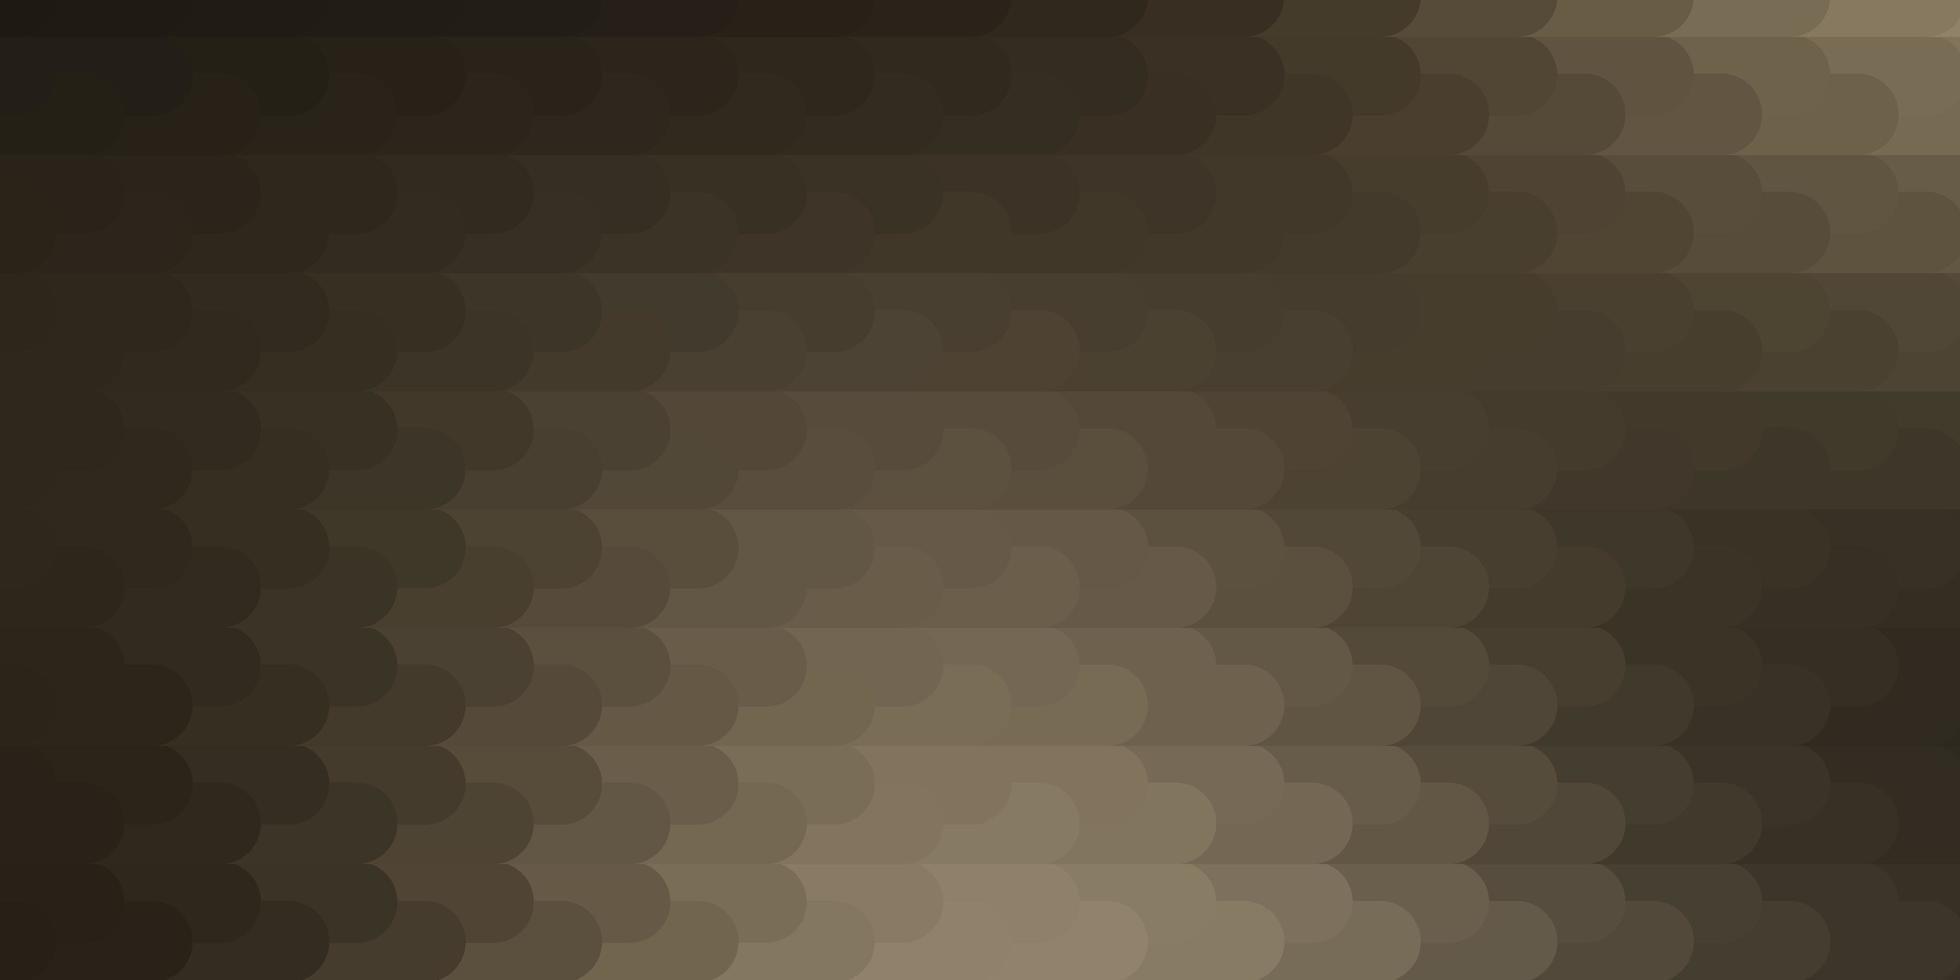 diseño de vector gris claro con líneas.